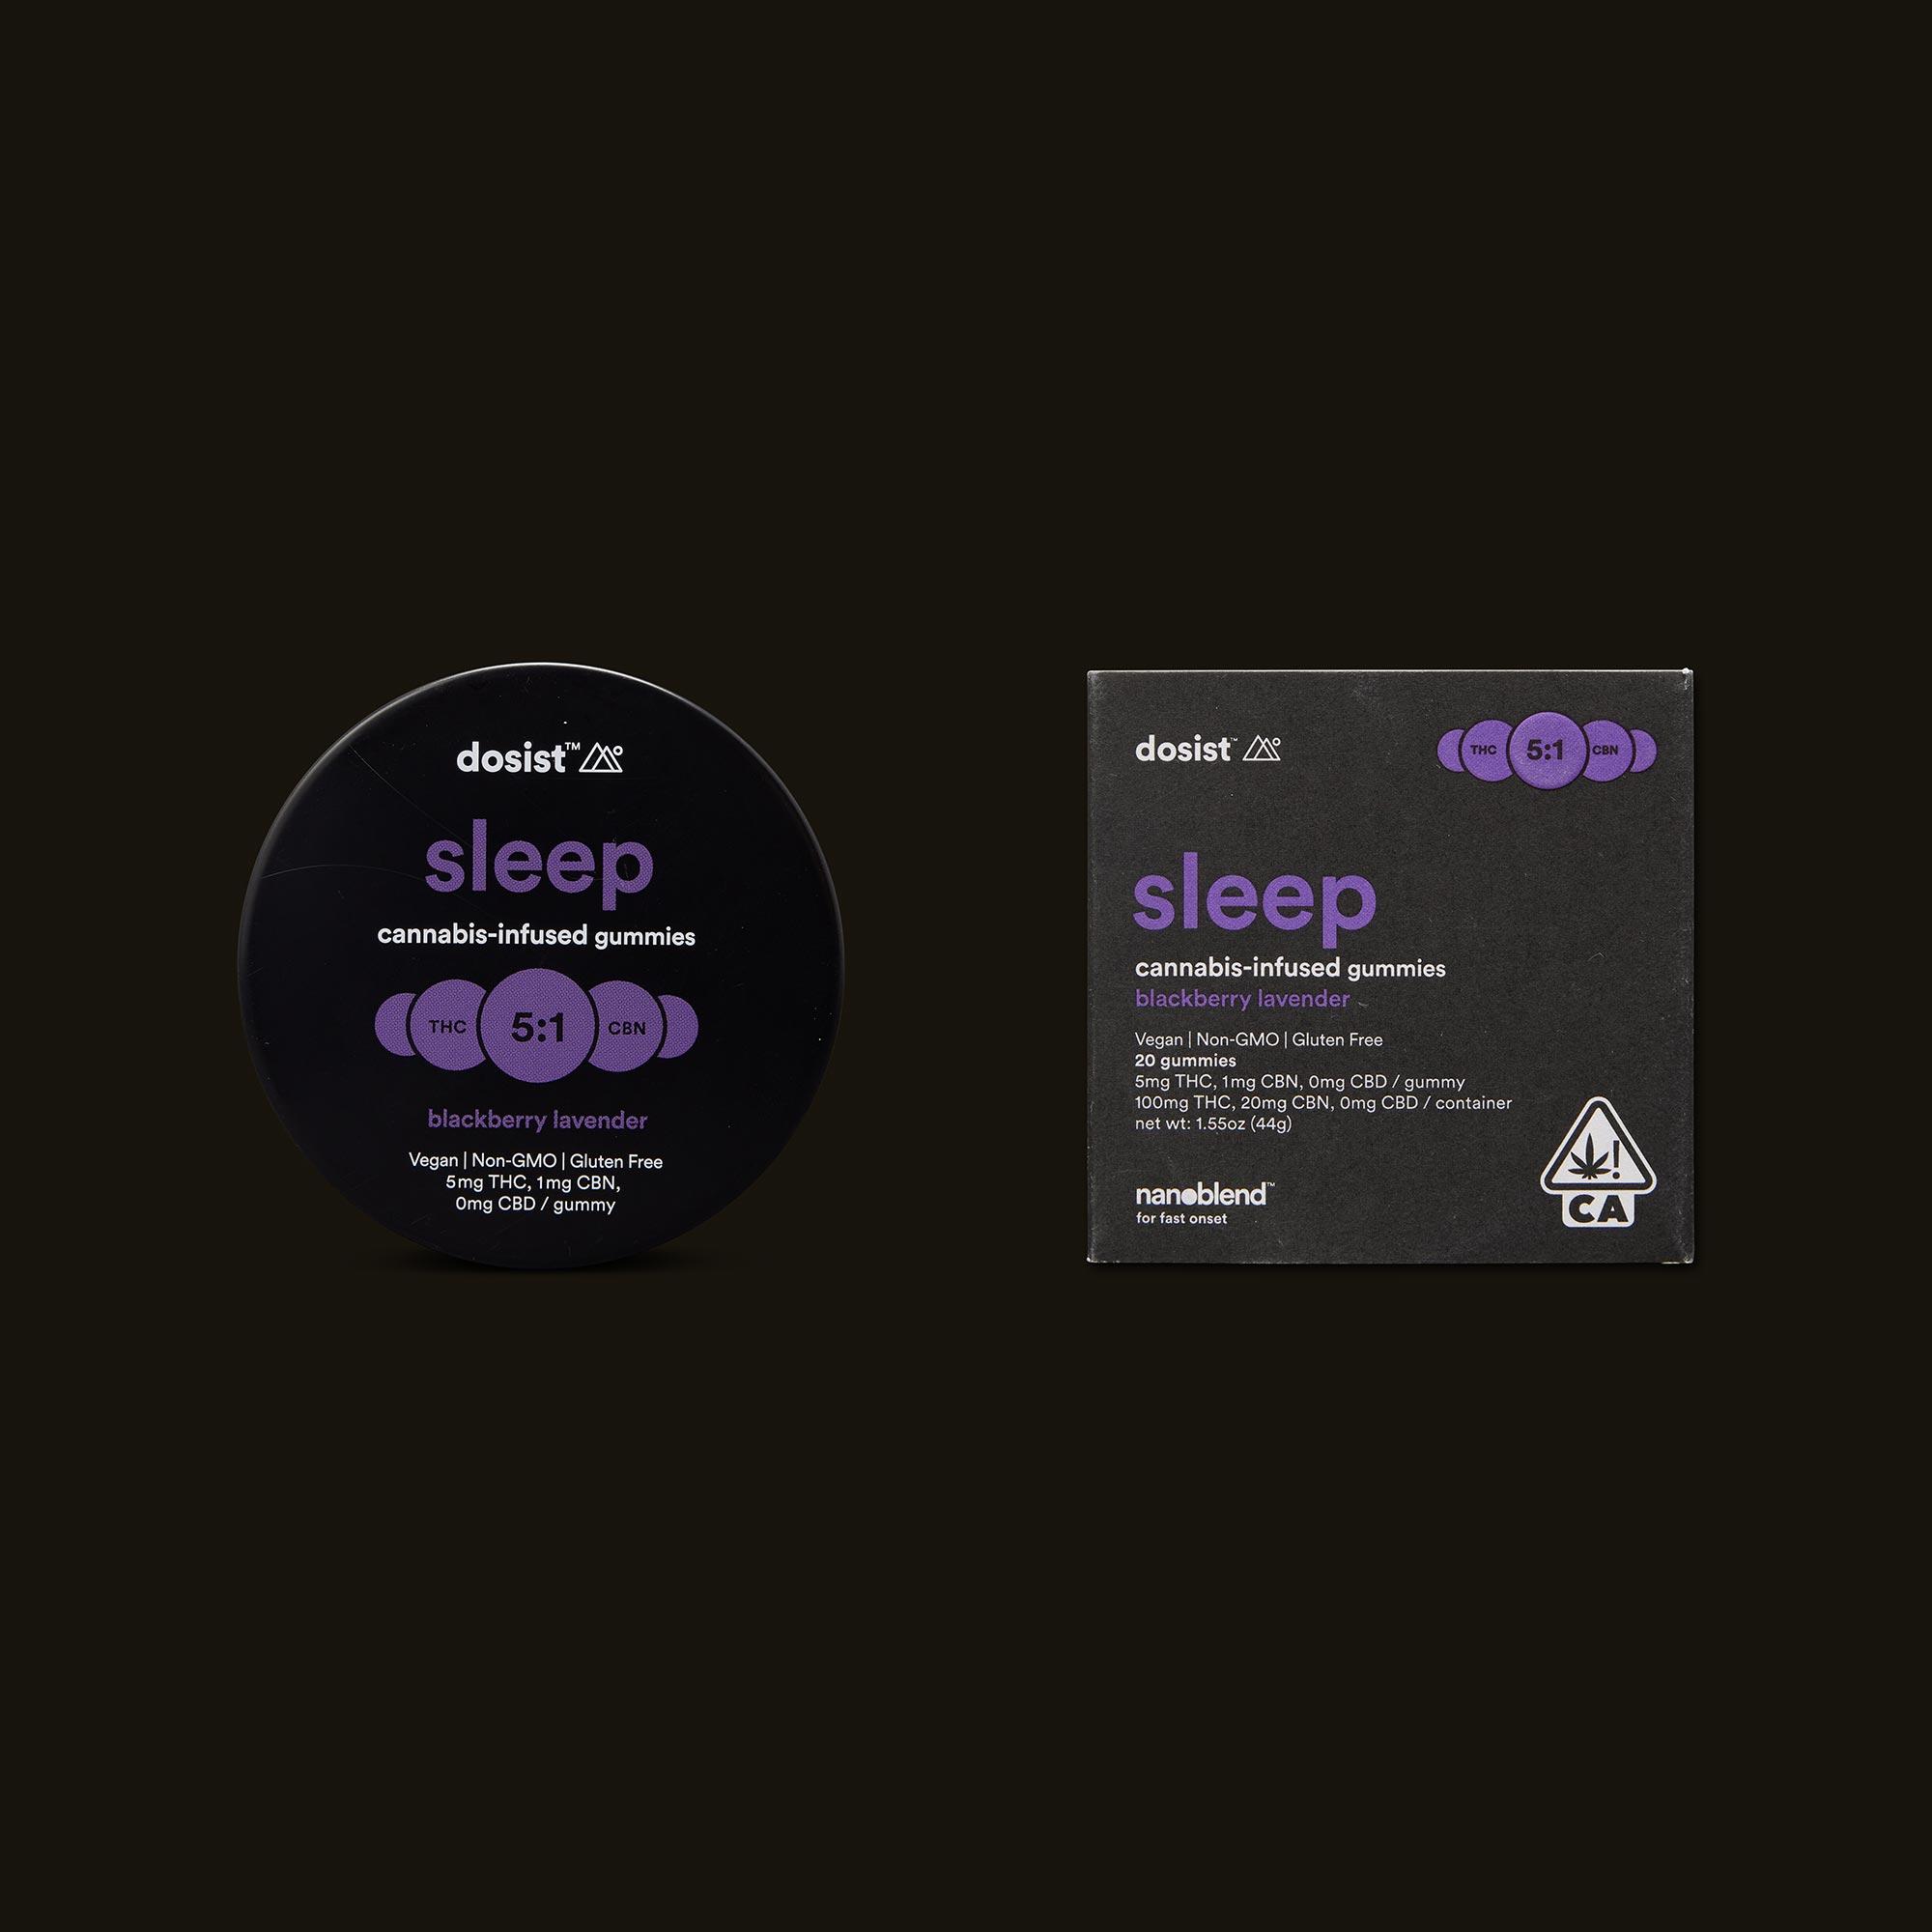 dosist sleep blackberry lavender gummies packaging